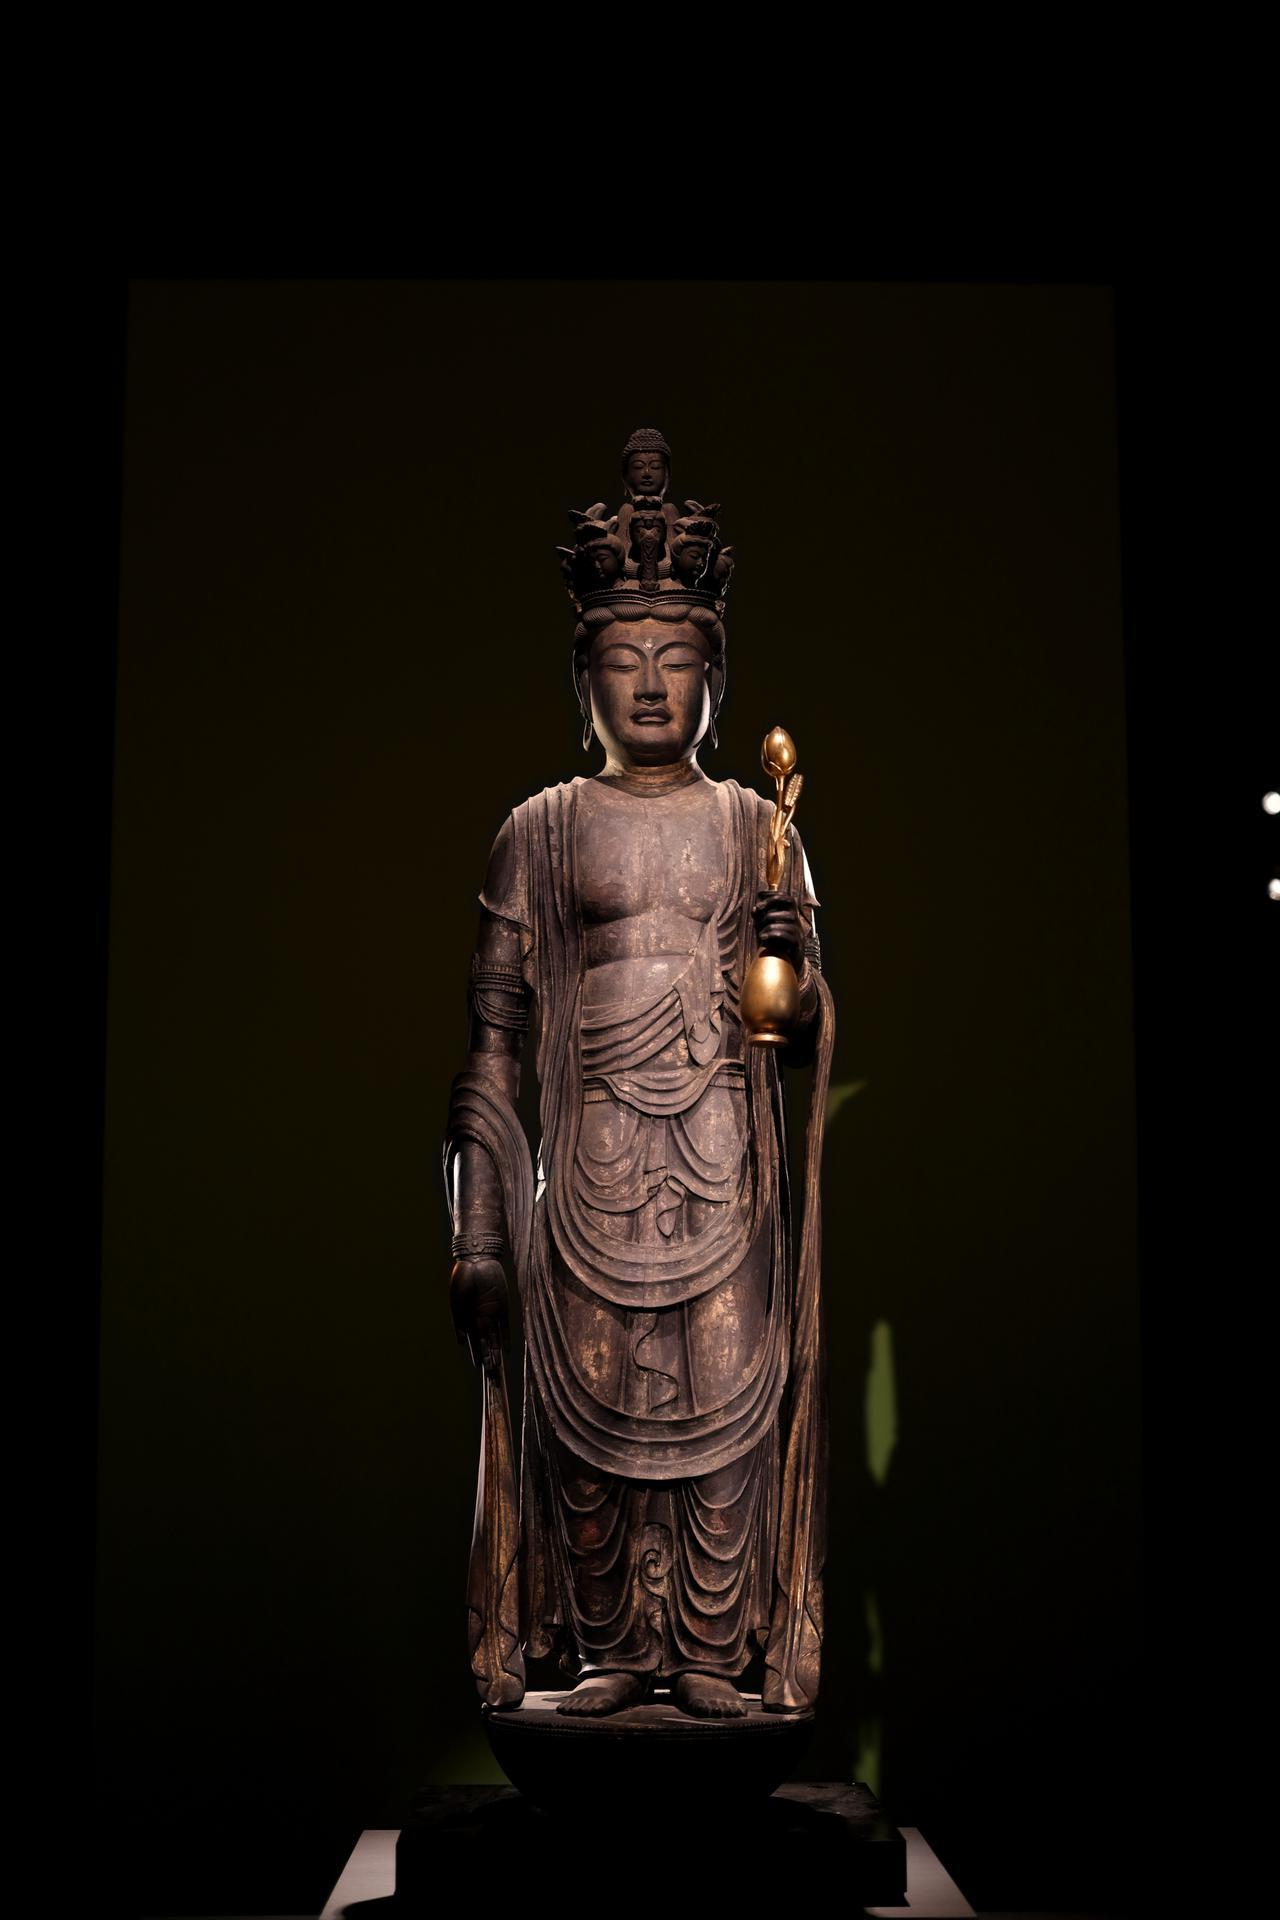 画像: 十一面観音菩薩立像 奈良時代8世紀 奈良・世尊寺 頭部が後世に補われている他はヒノキ材の一木造り